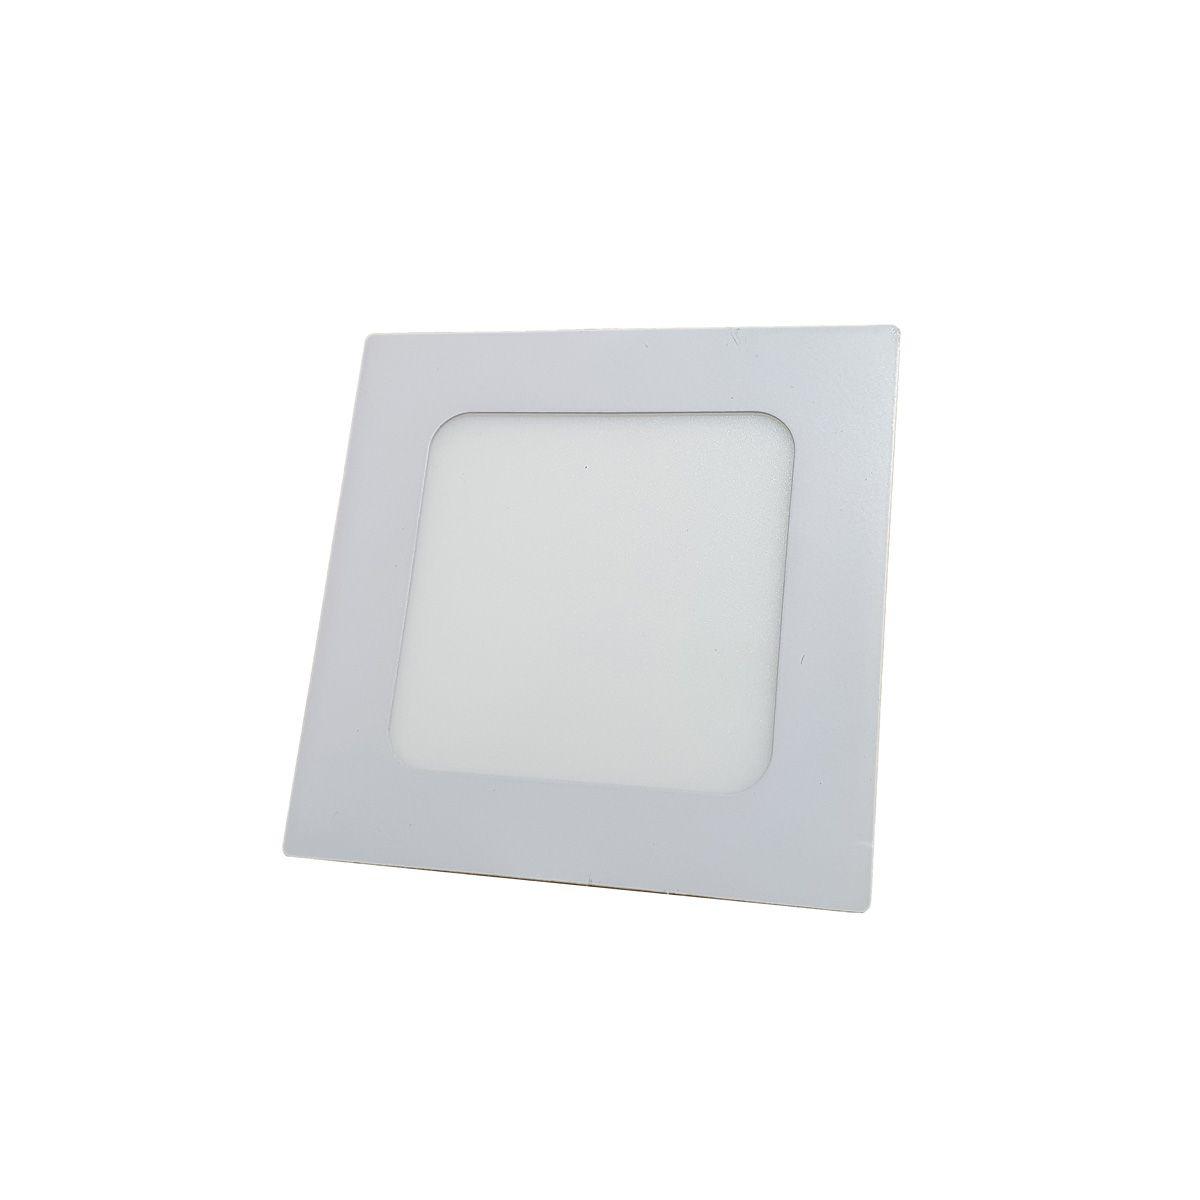 Painel Plafon LED 6w Quadrado Luminaria Embutir Branco Luz Fria DL-103